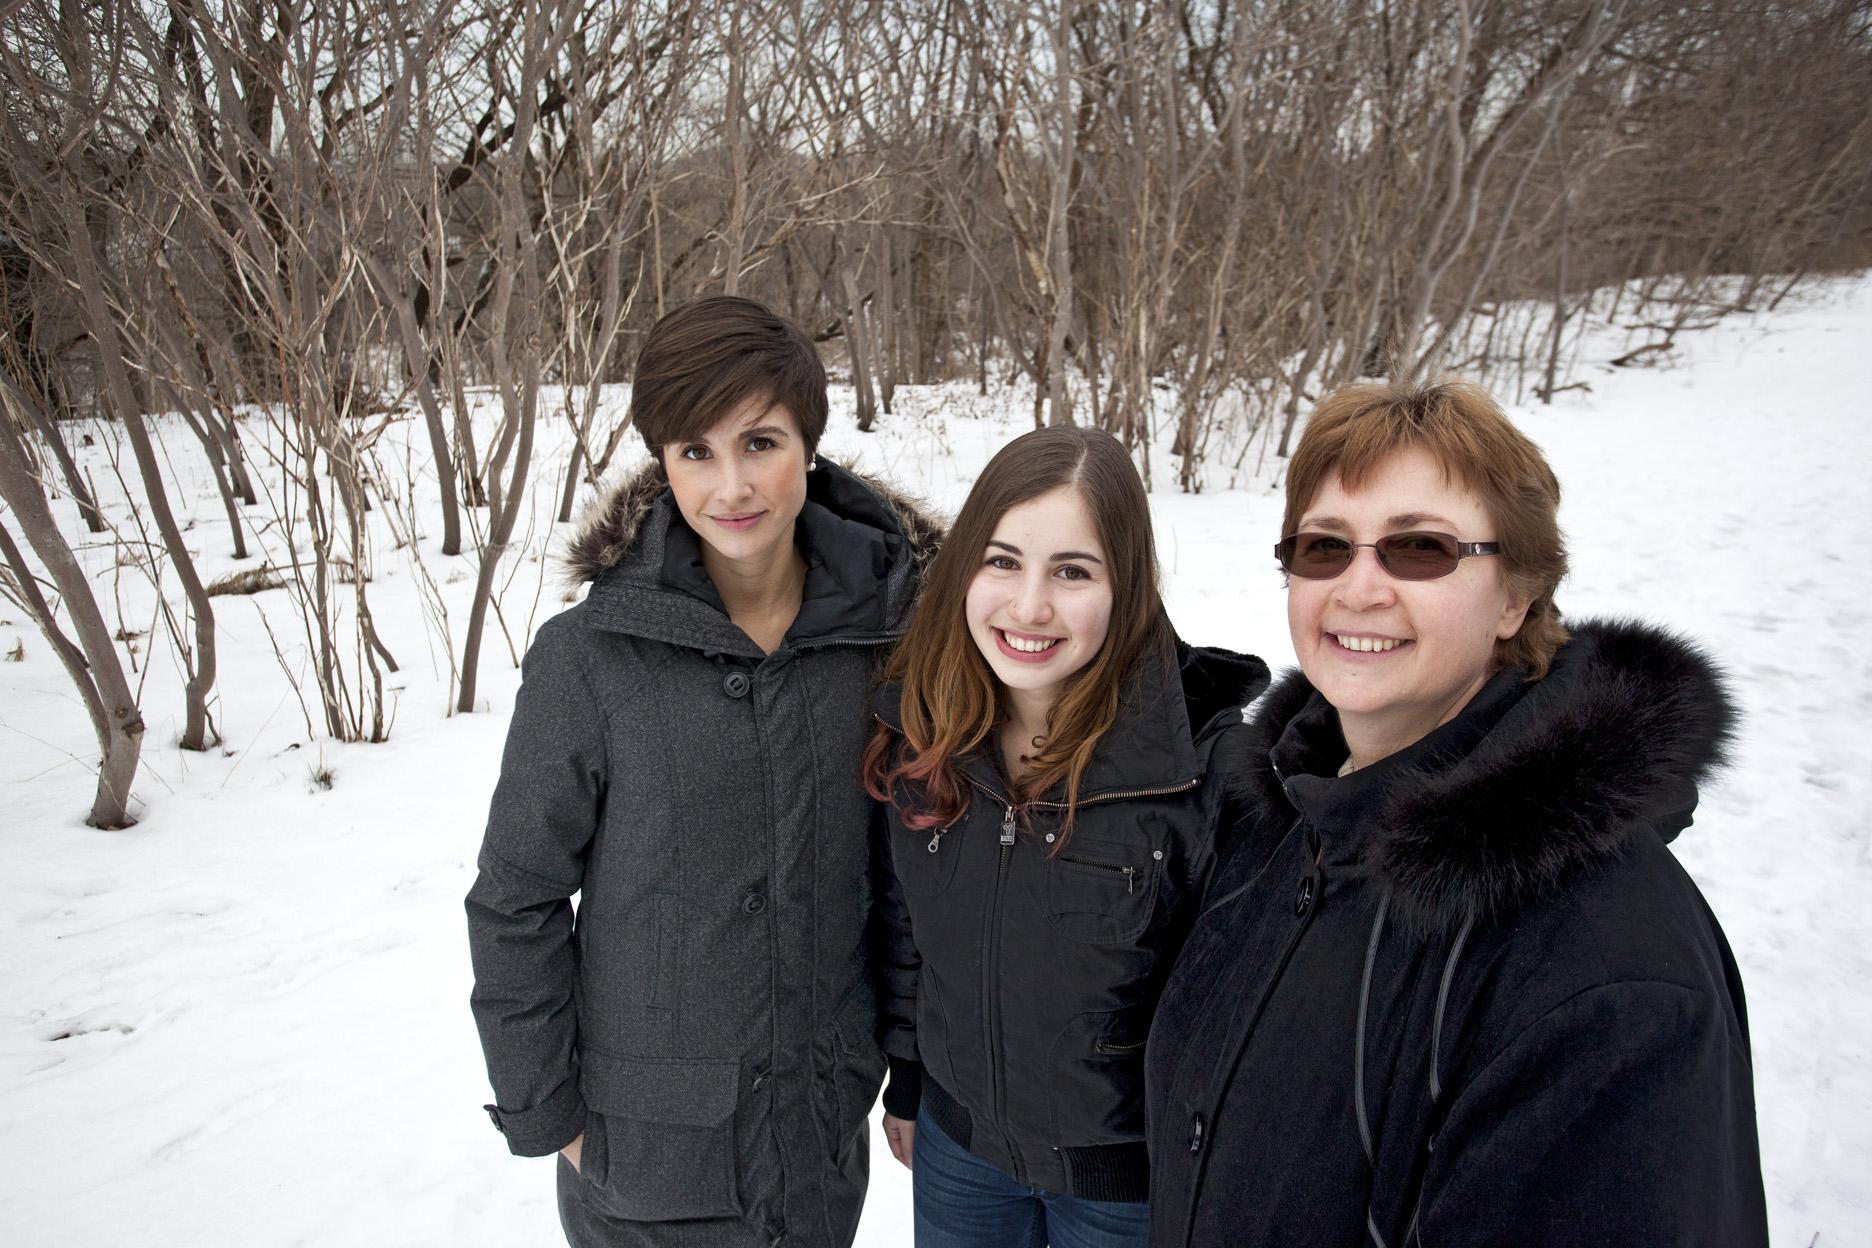 Winter-2013-family photos-100dpi-14.jpg